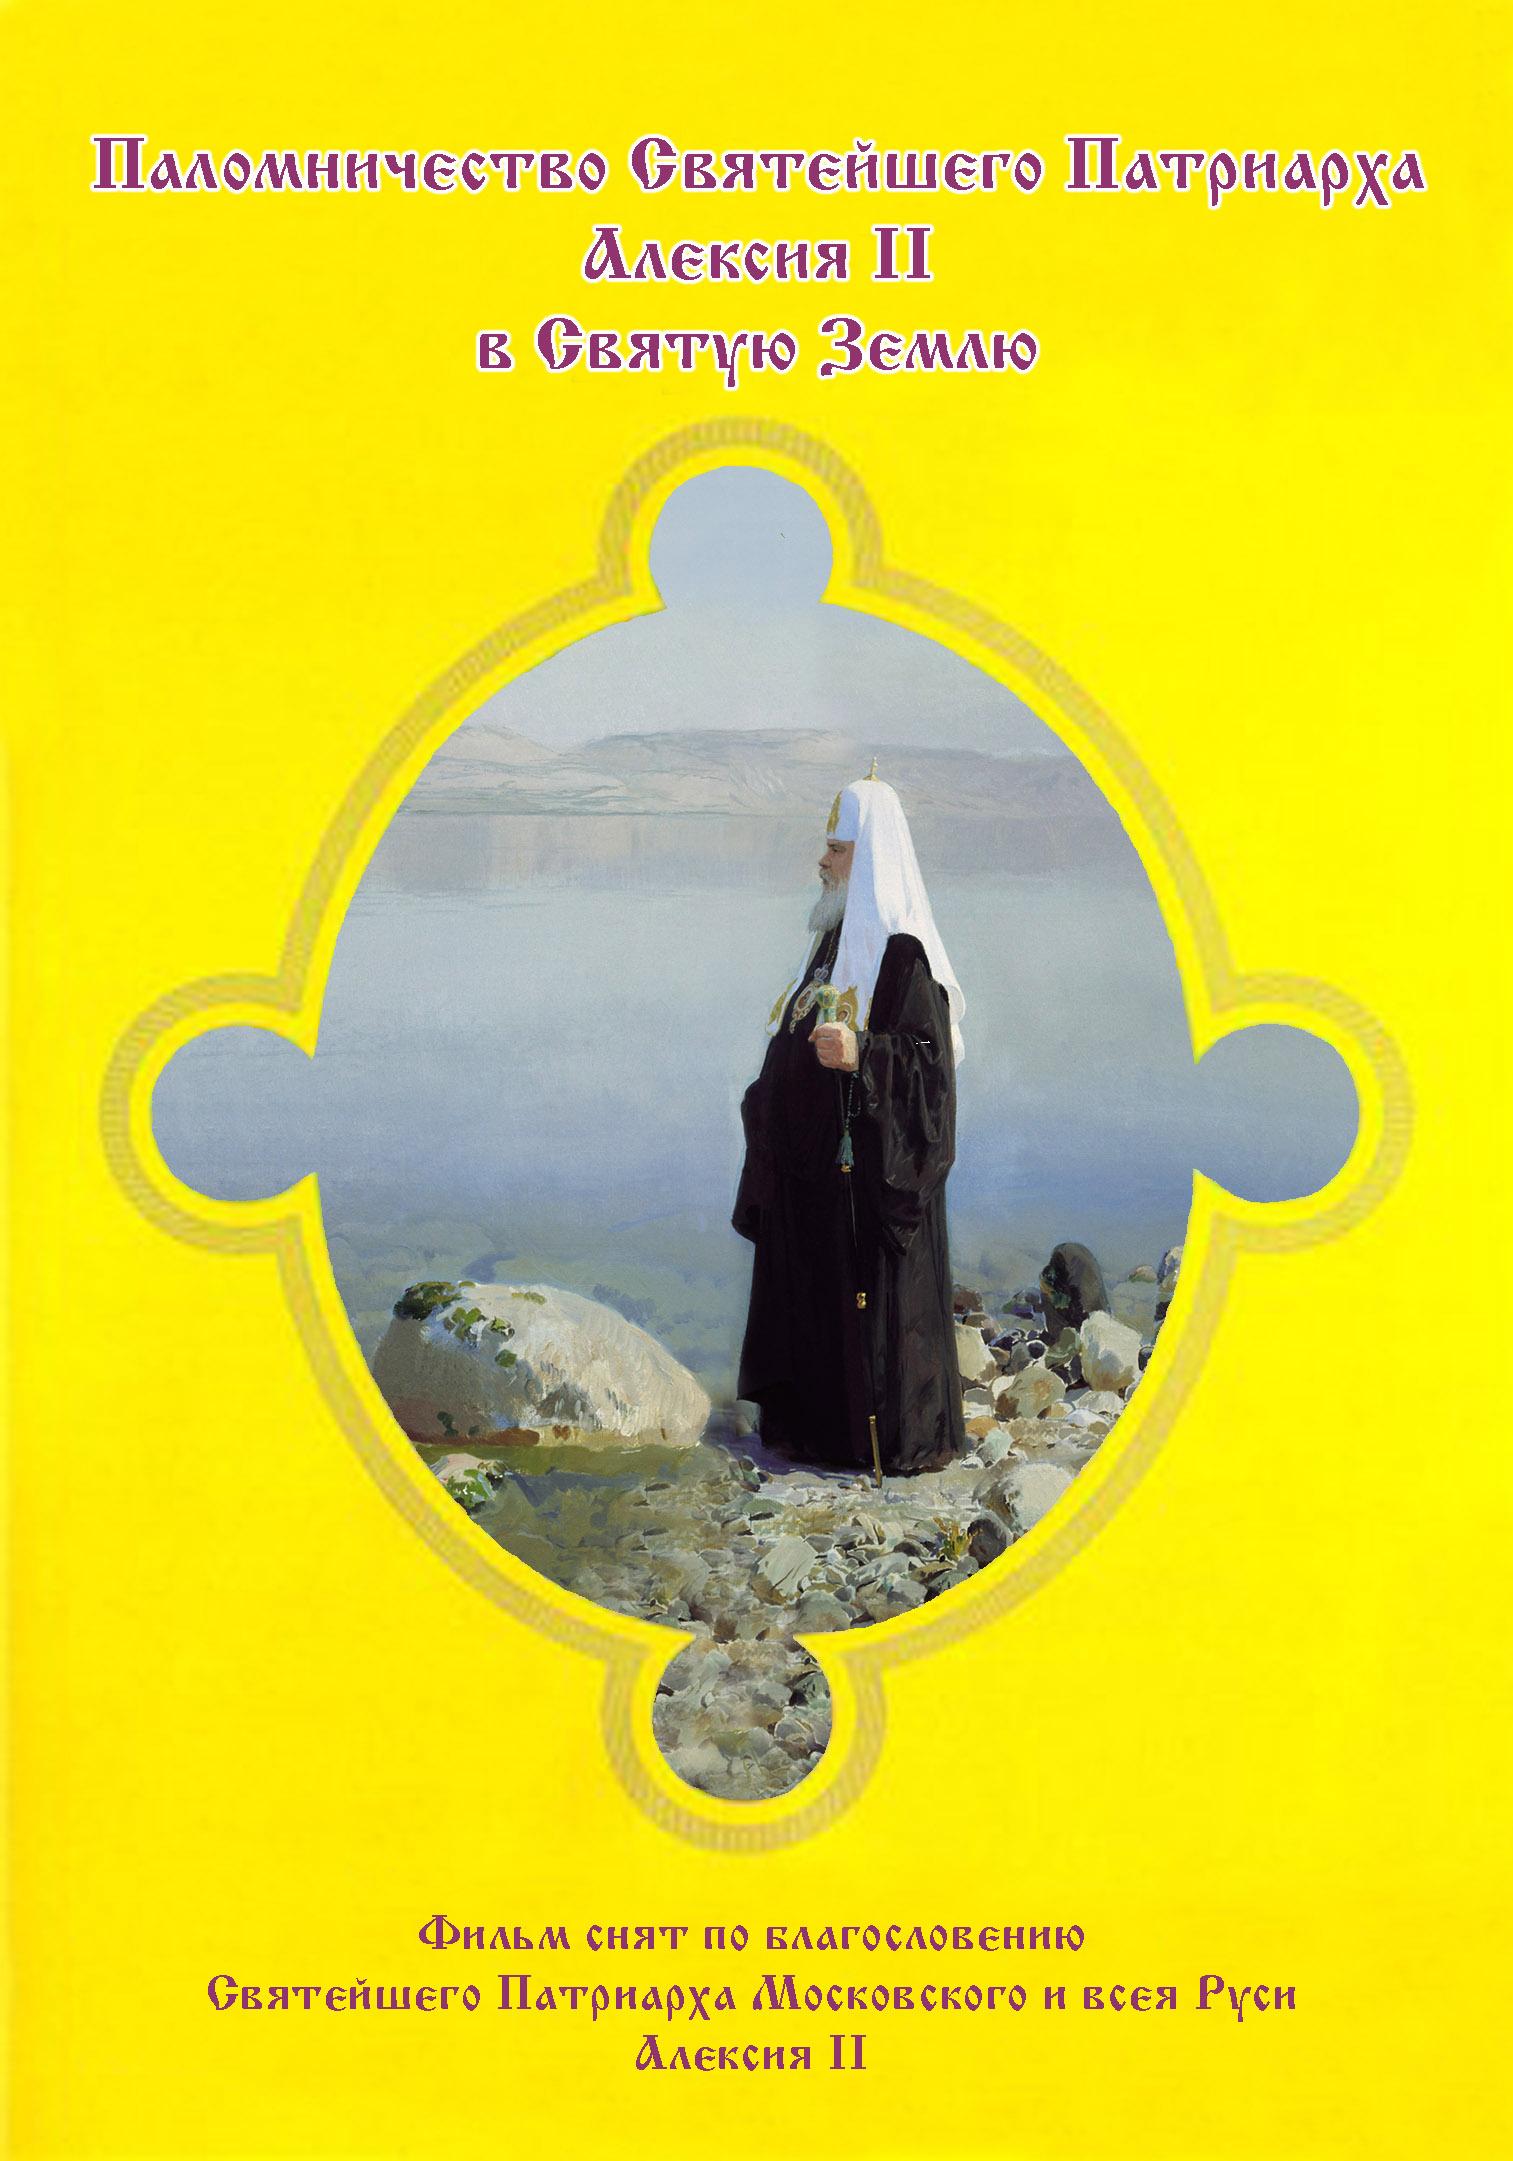 Паломничество Святейшего Патриарха Алексия II в Святую Землю.jpg